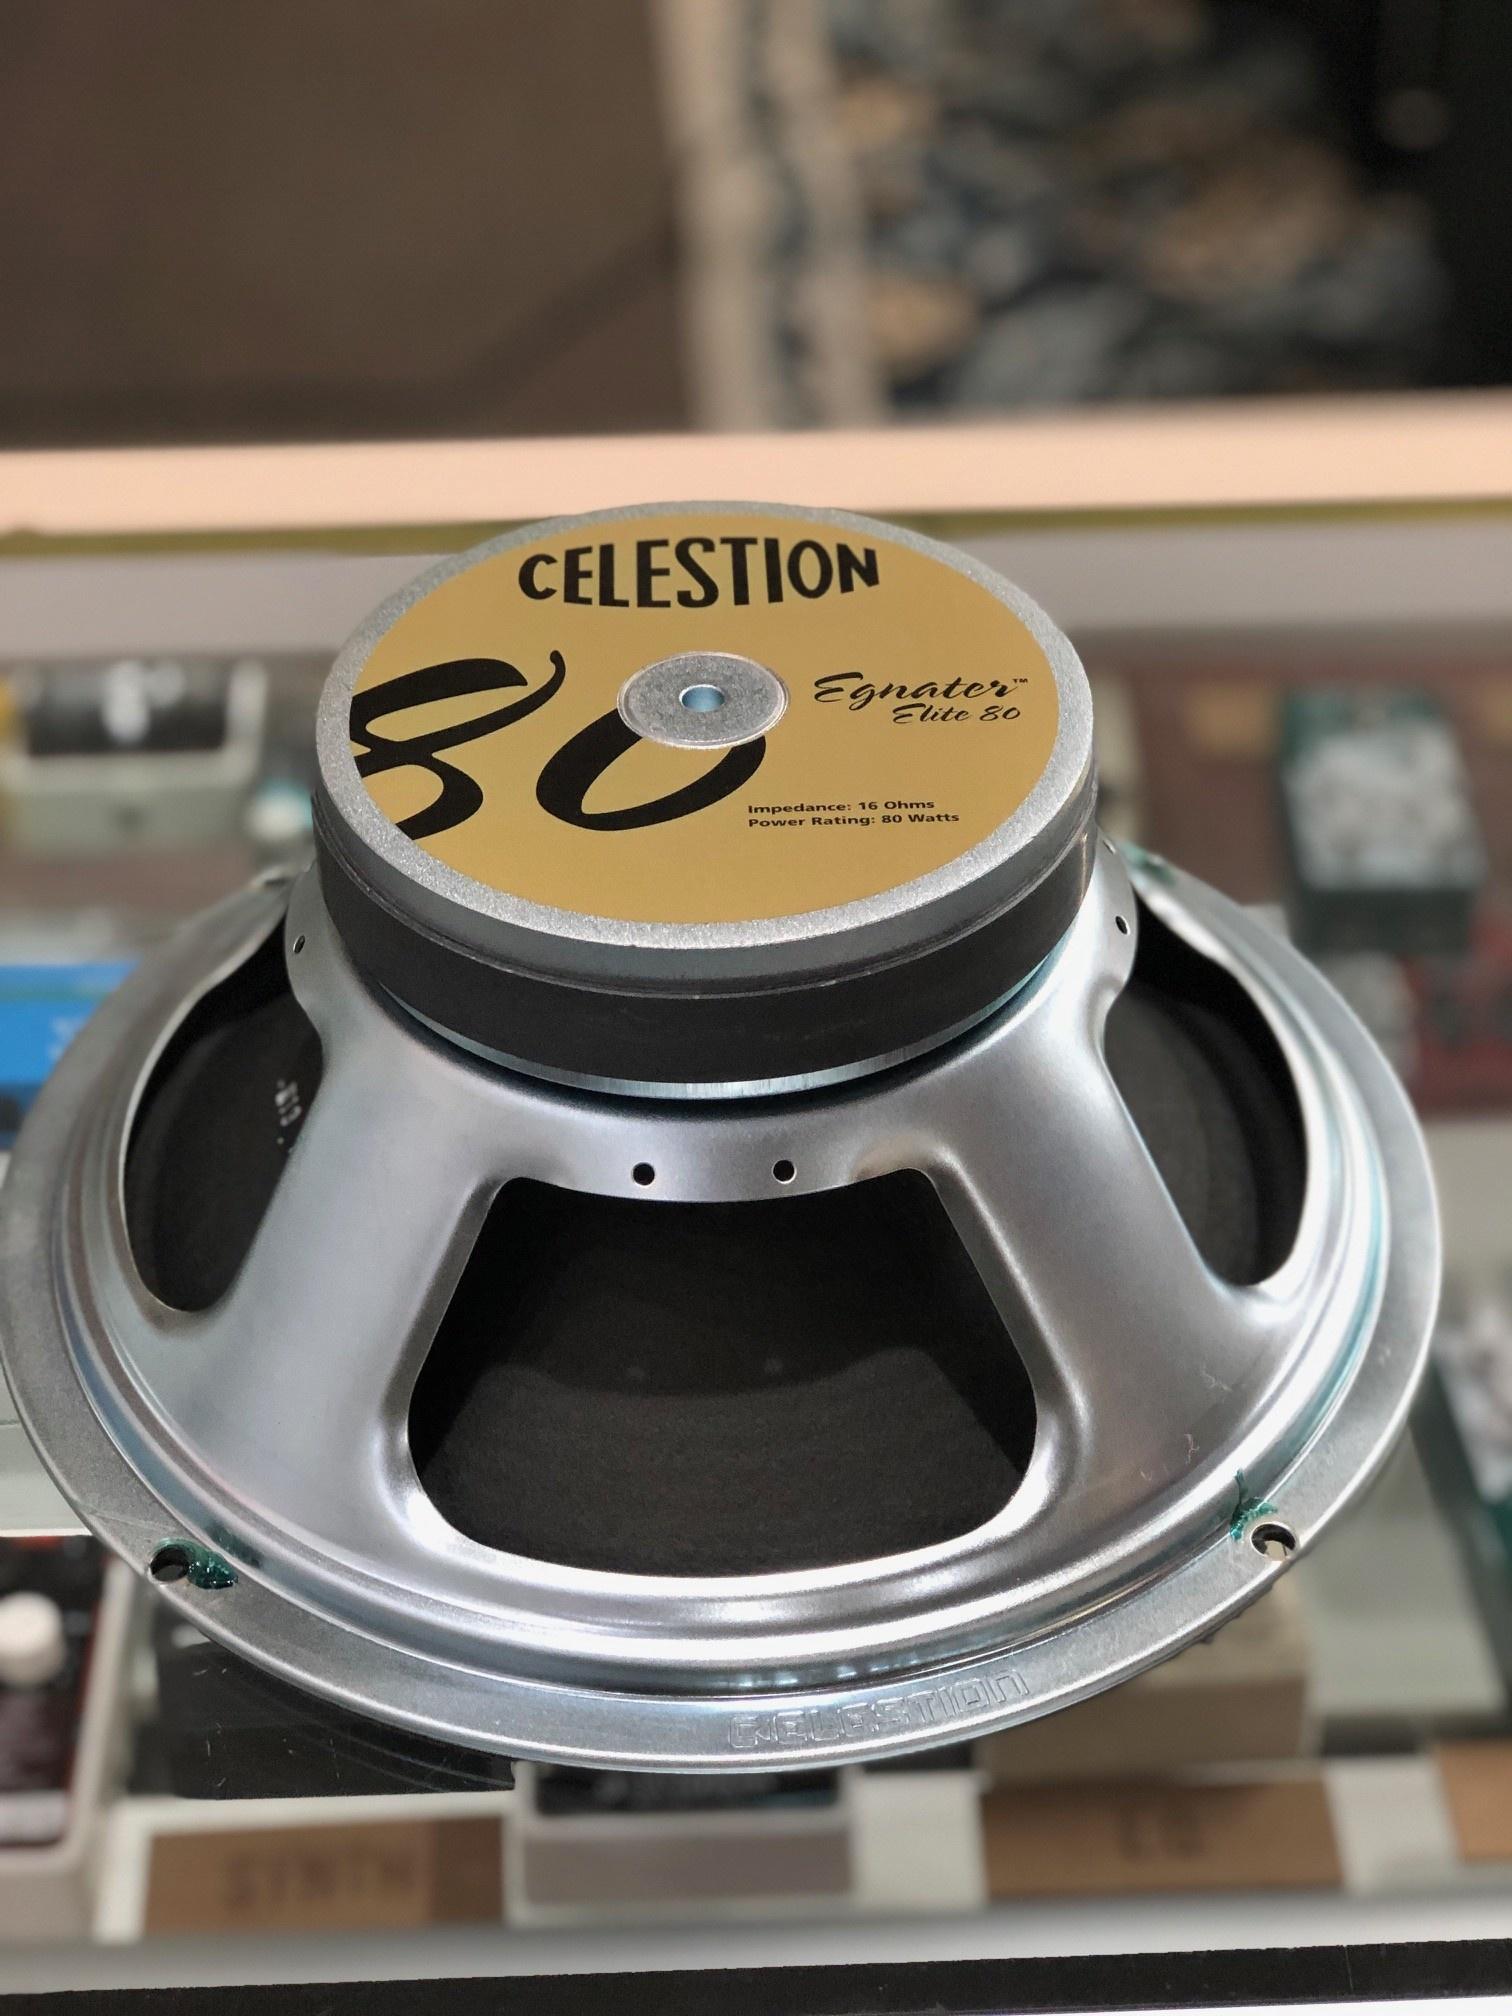 Celestion Egnater Elite 80-2